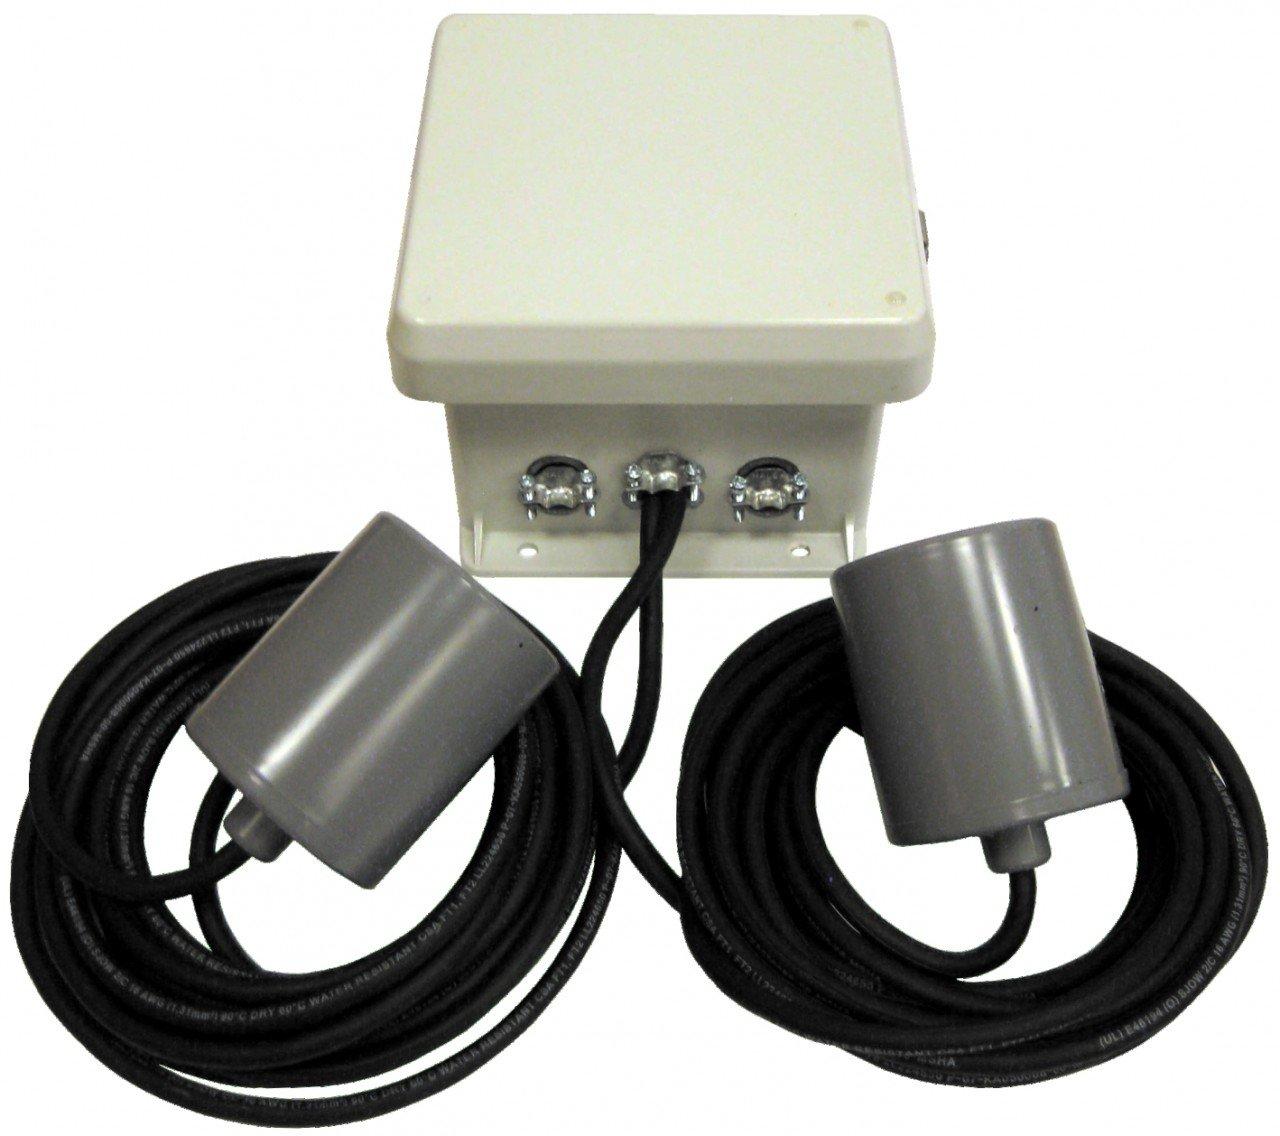 Multiquip CB3 caja de control bombas incluido con 2 interruptores de flotador mecánico sw1wopa, 120 V, Gris: Amazon.es: Amazon.es